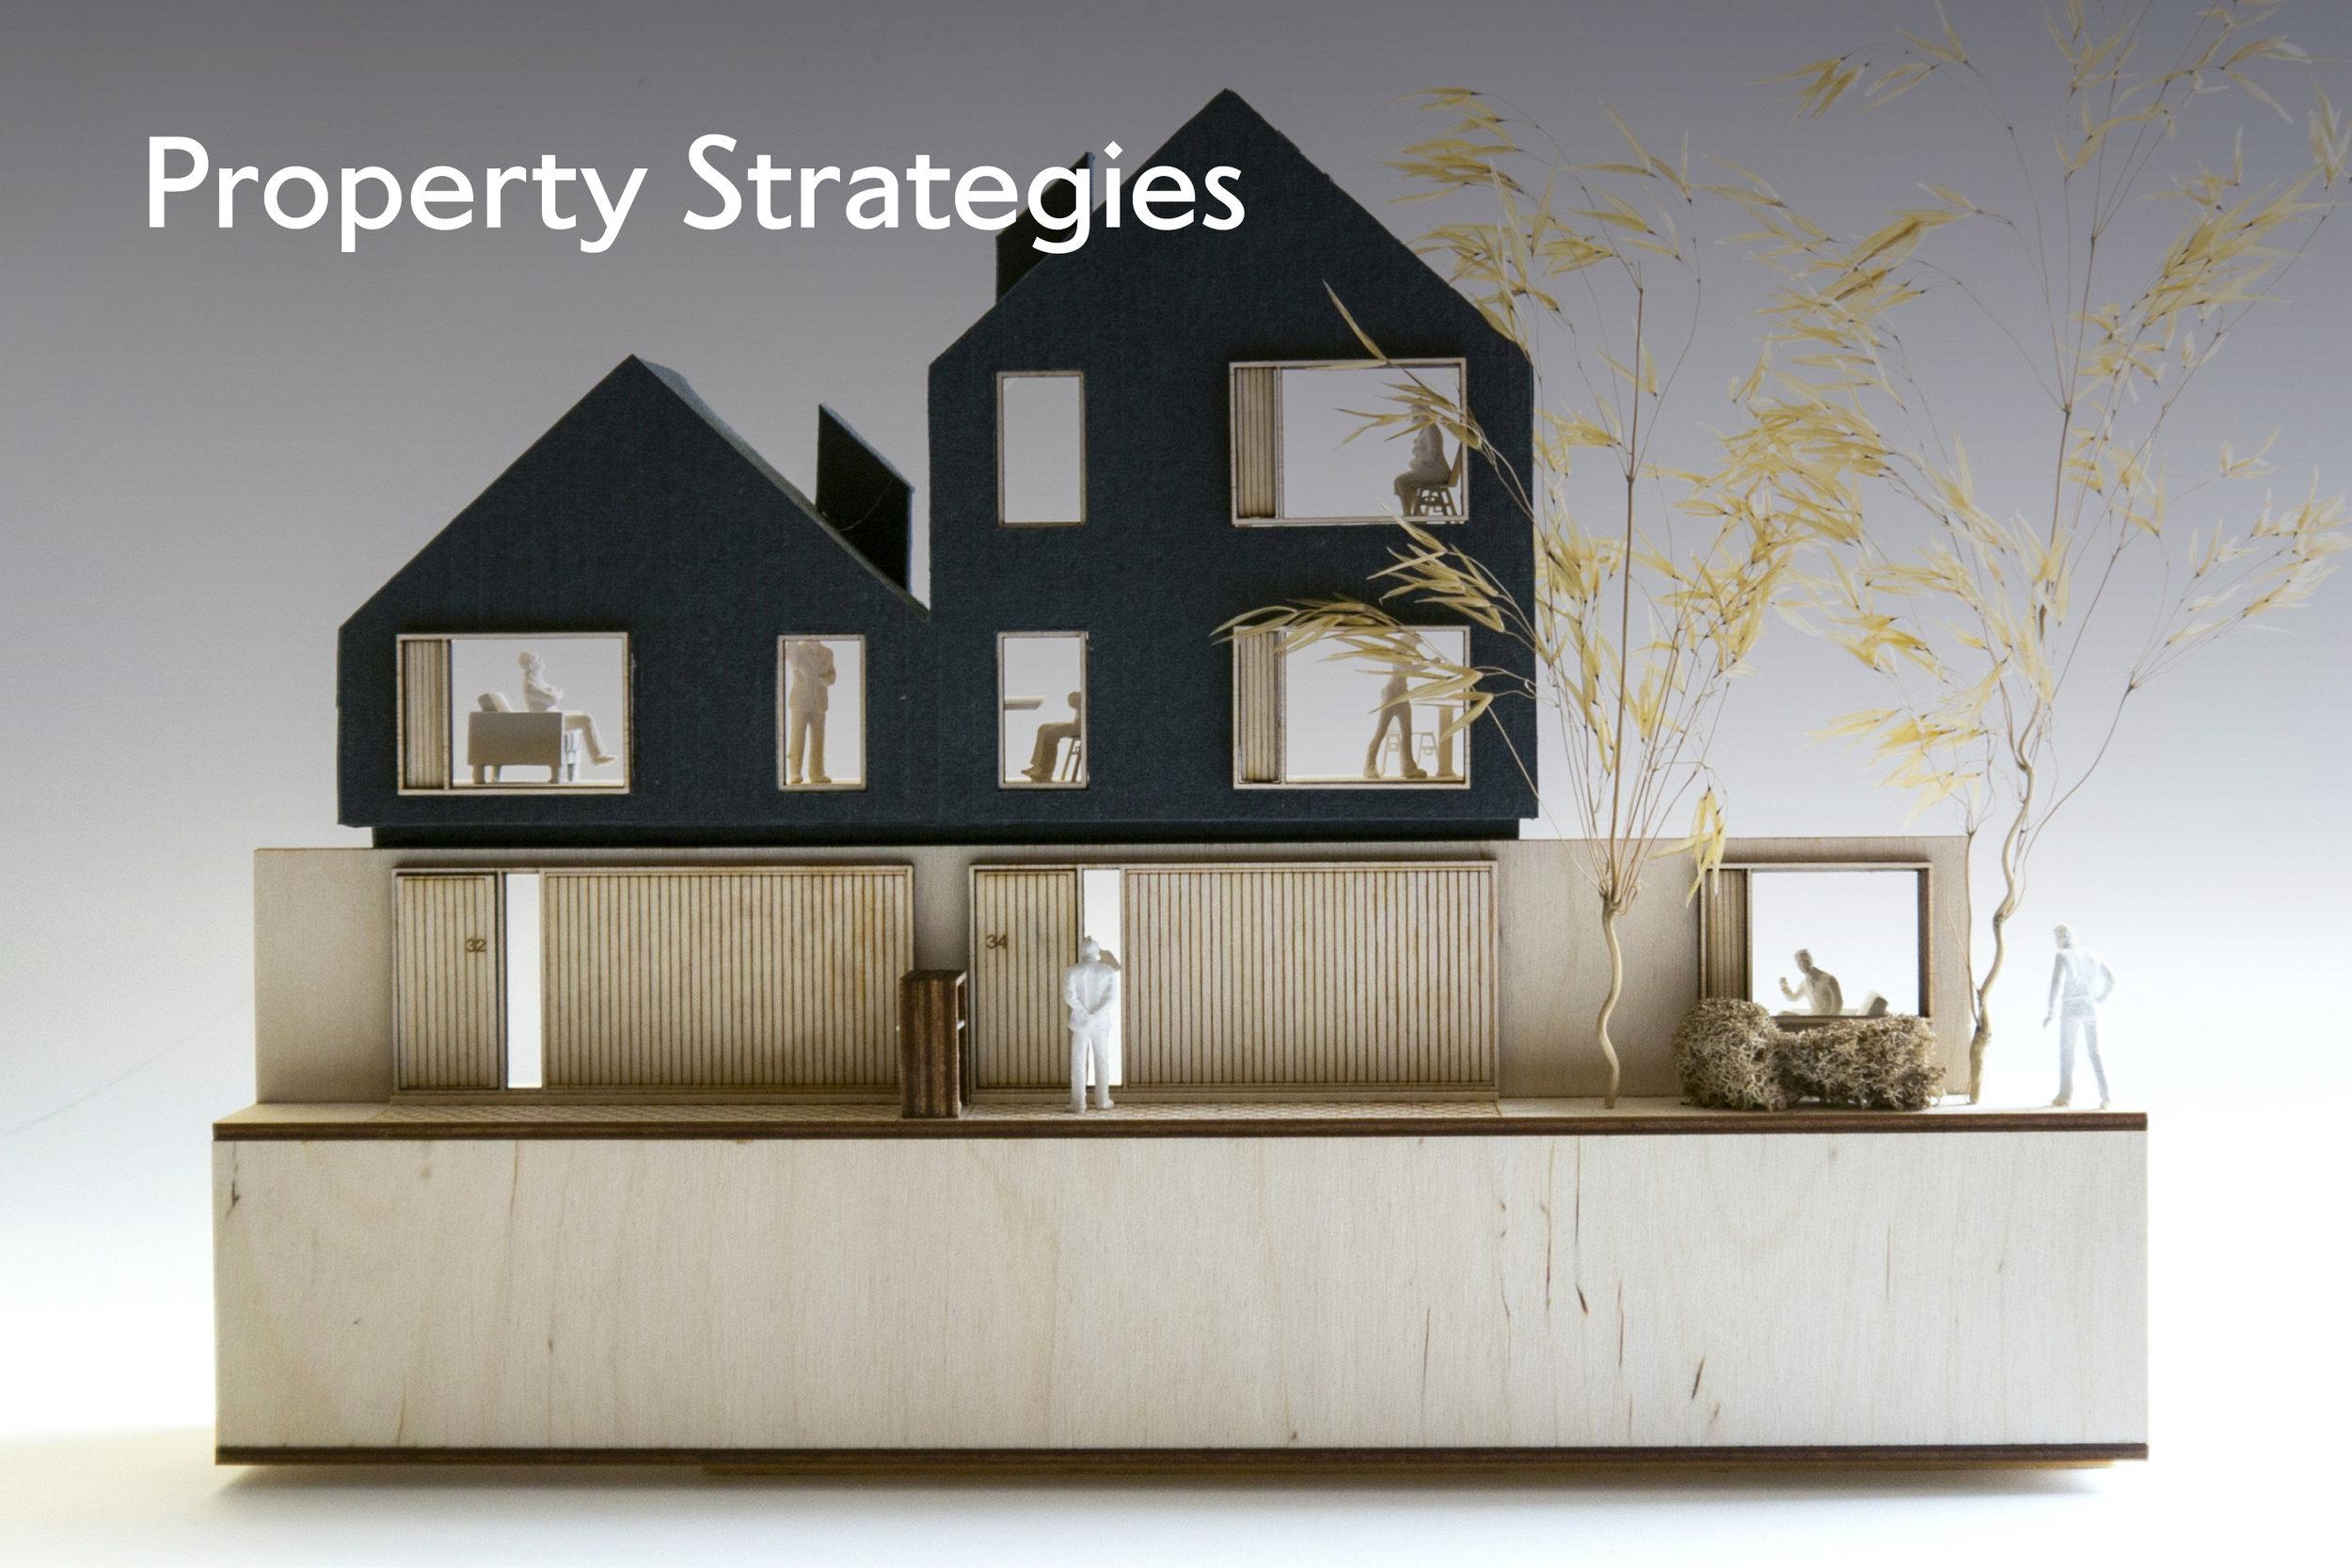 Property Strategies_02.jpg